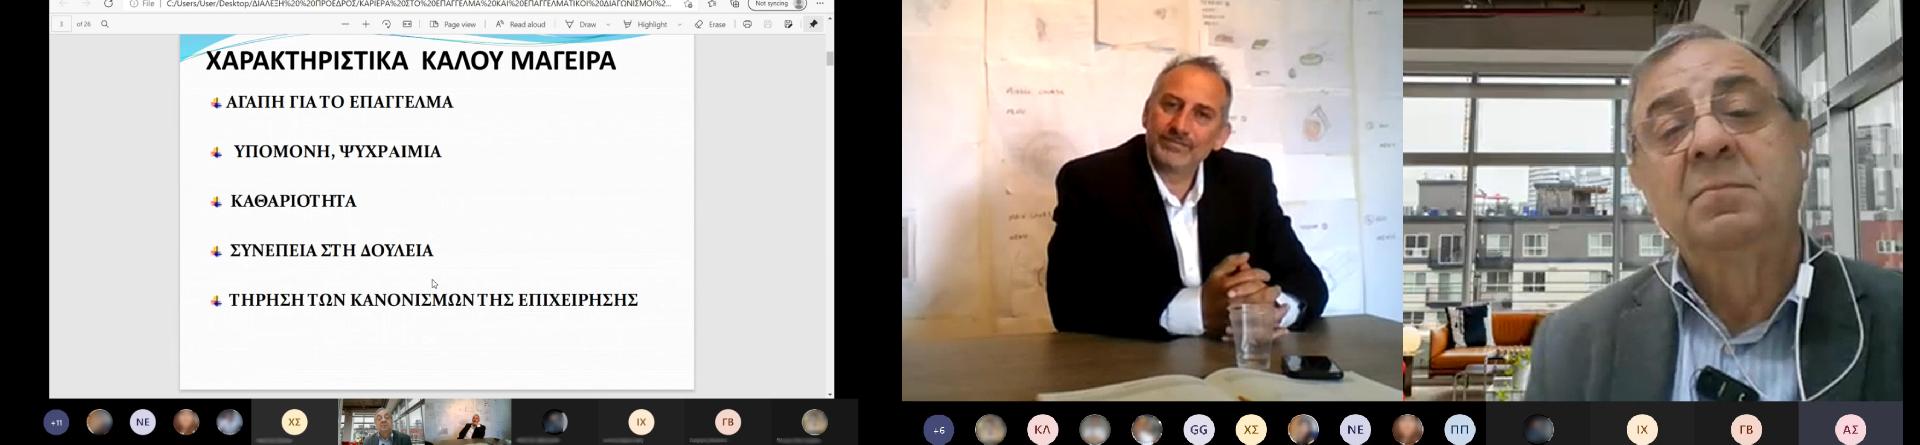 Διαδικτυακή Διάλεξη του Πρόεδρου του Συνδέσμου Αρχιμαγείρων Κύπρου,  κ. Γιώργου Δαμιανού